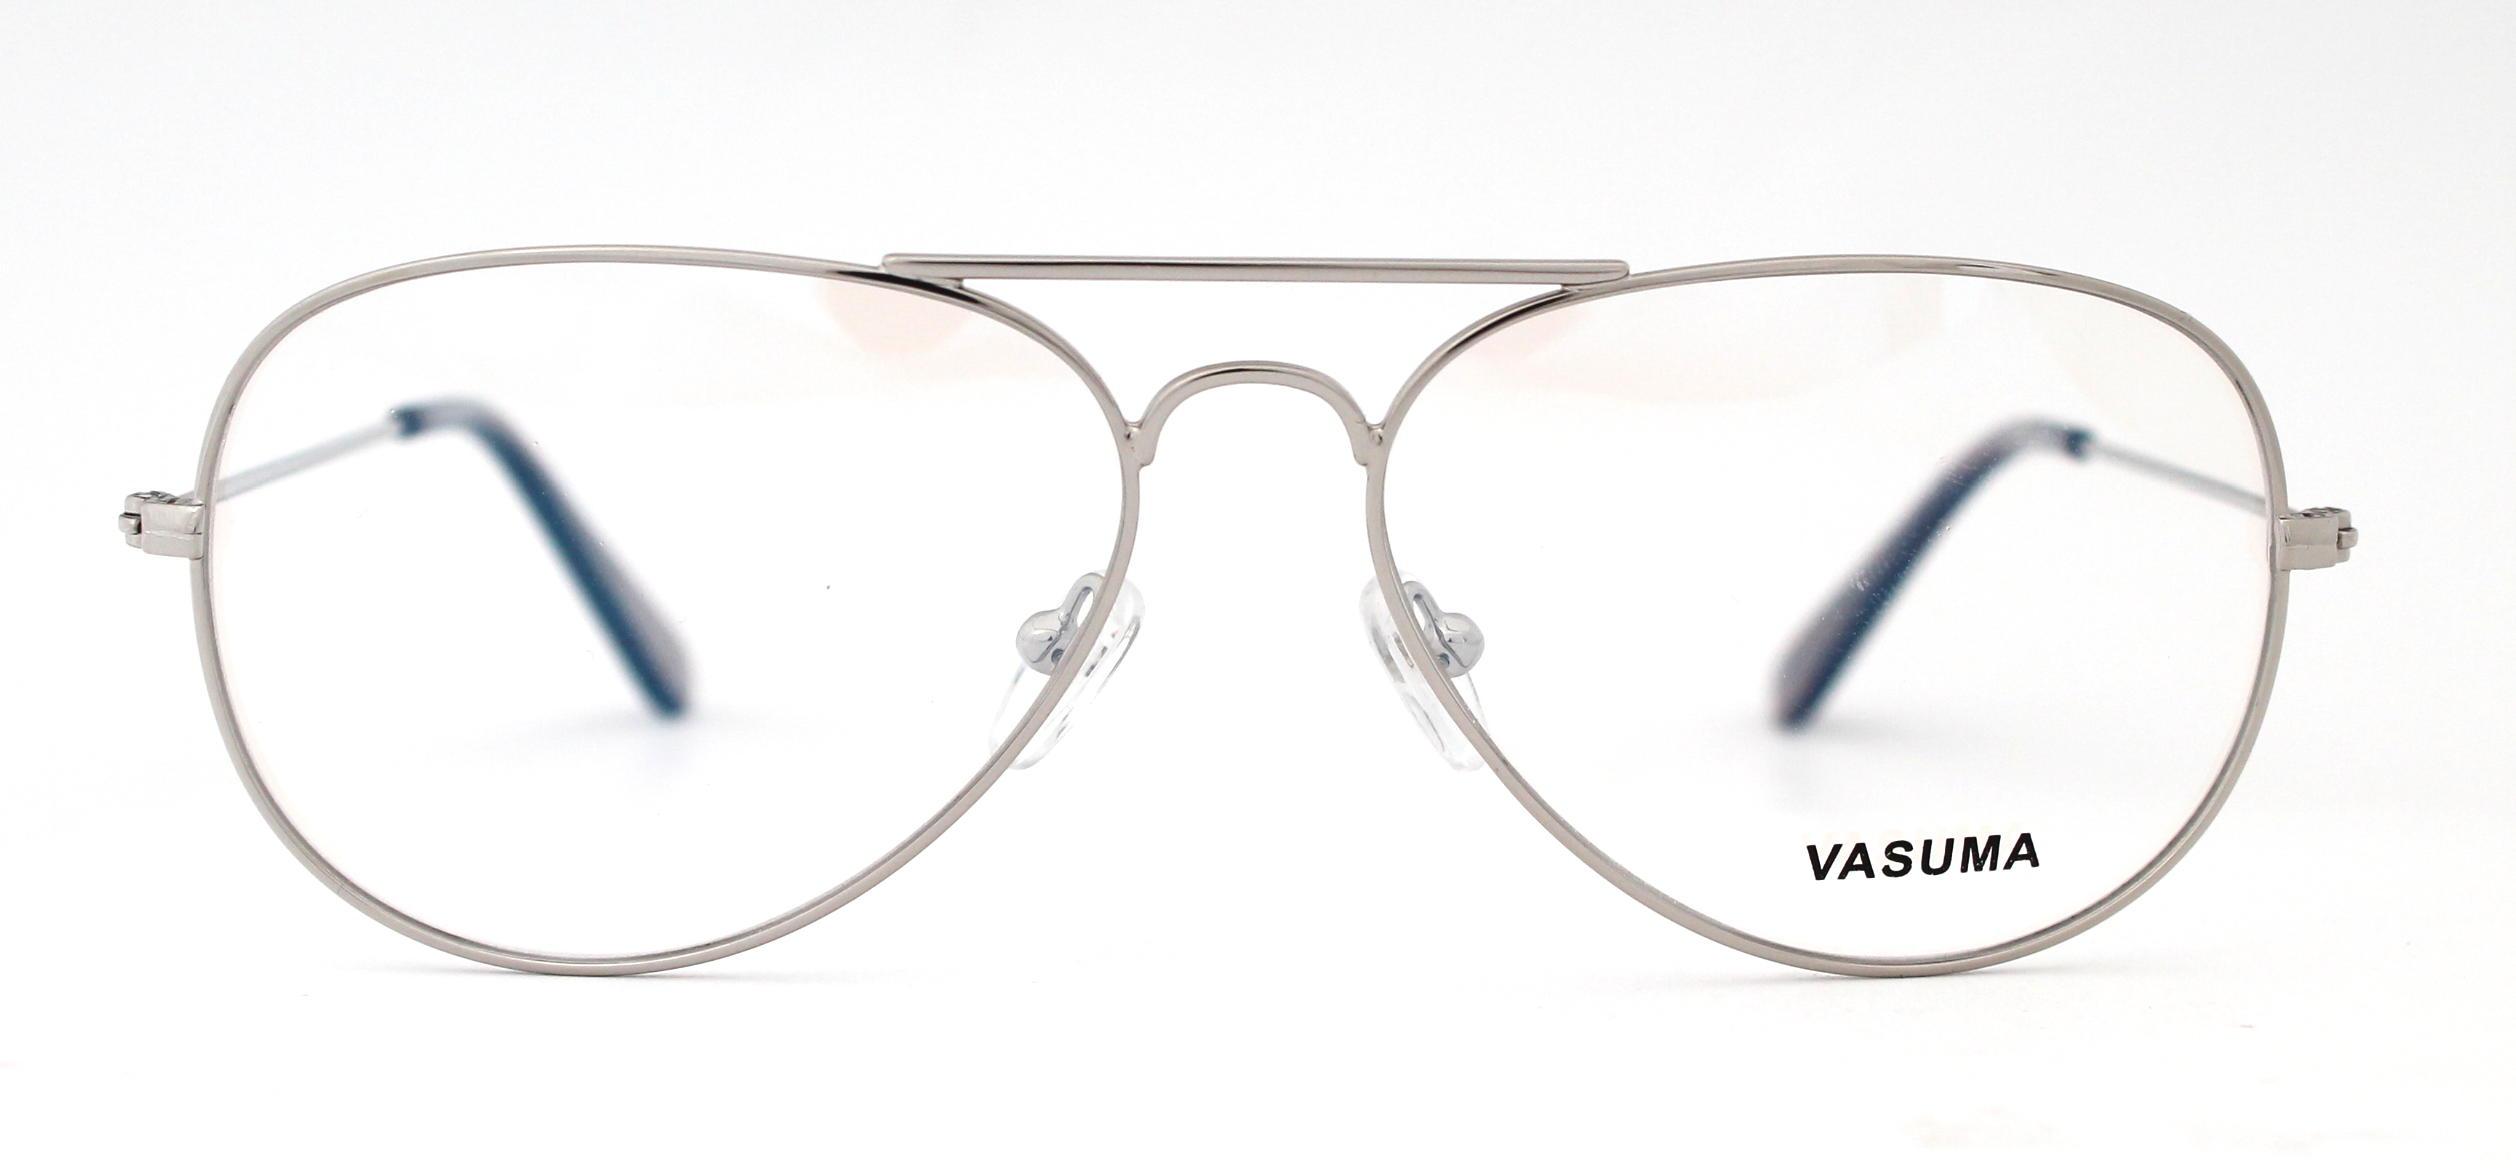 Vasuma - Eggeater E100